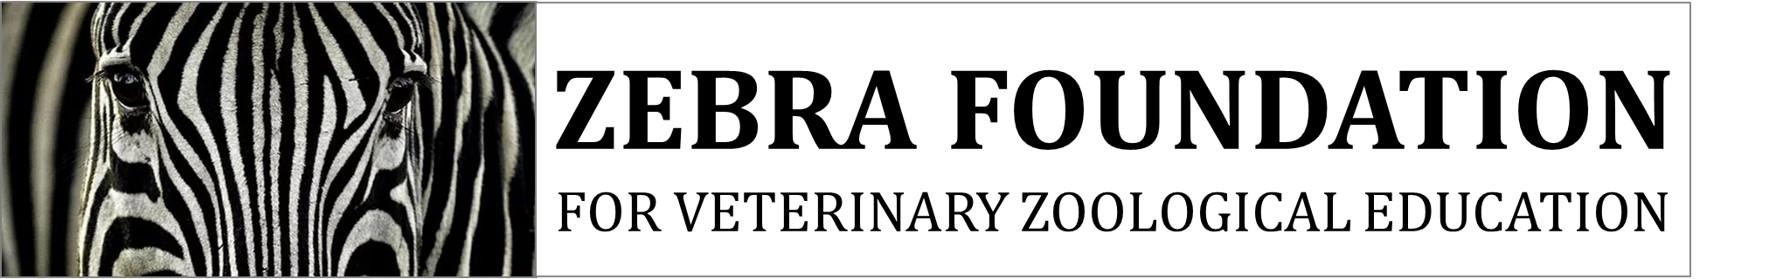 zebra foundation